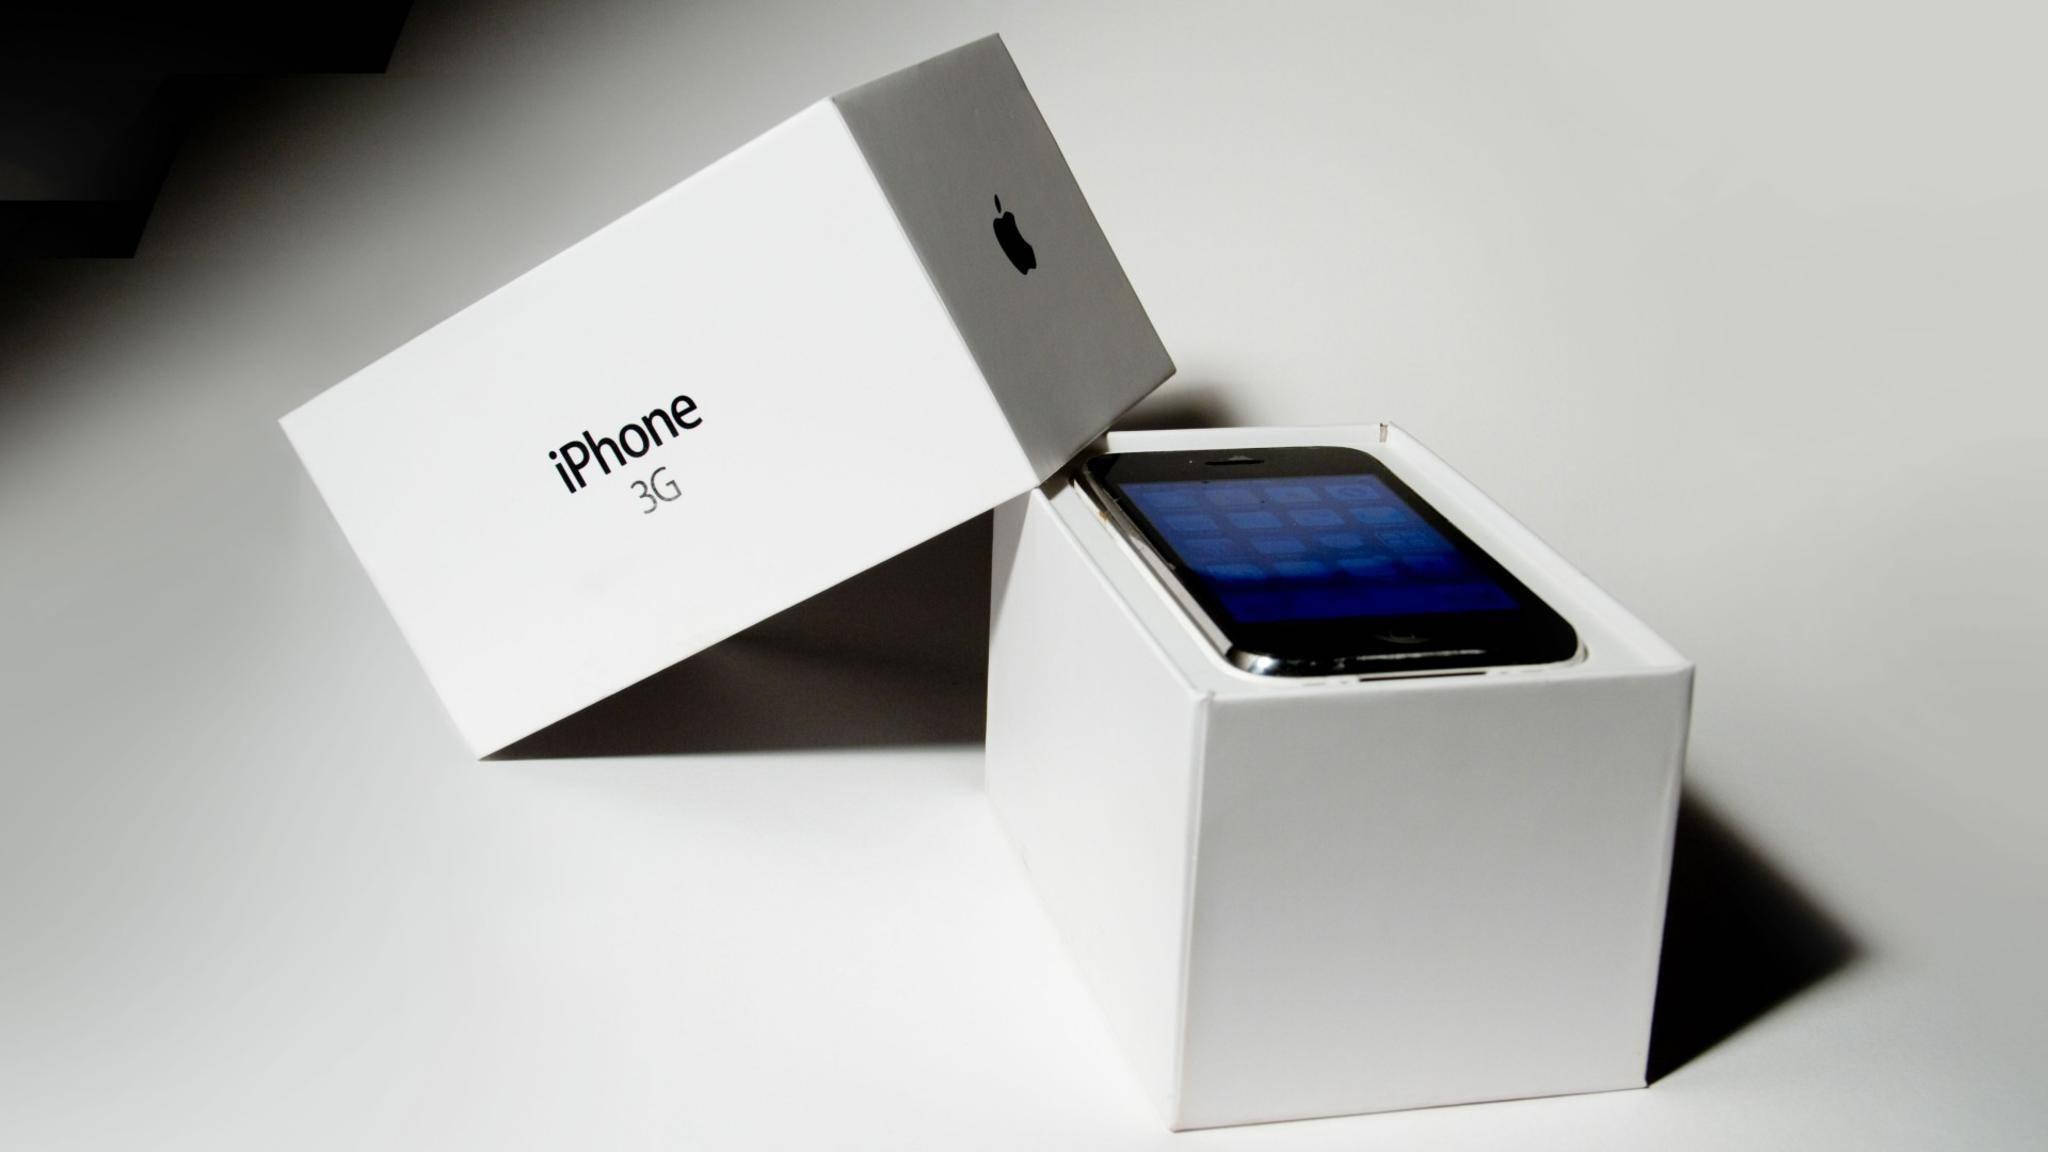 Laut Apple war nur das iPhone 3G von einer nun aufgedeckten Sicherheitslücke betroffen.